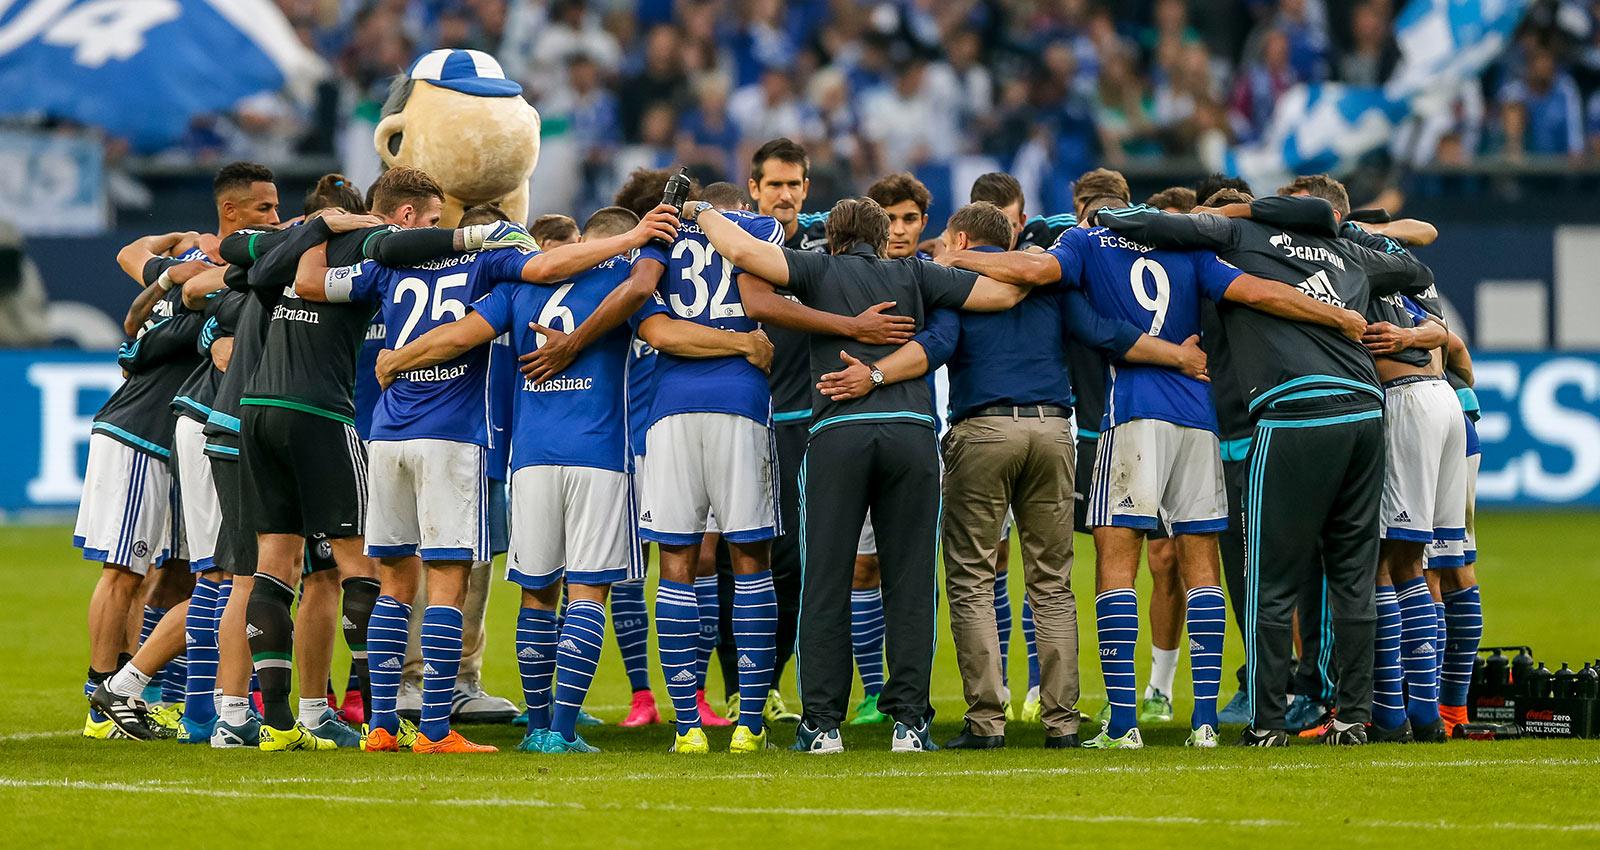 Www.Schalke04.De